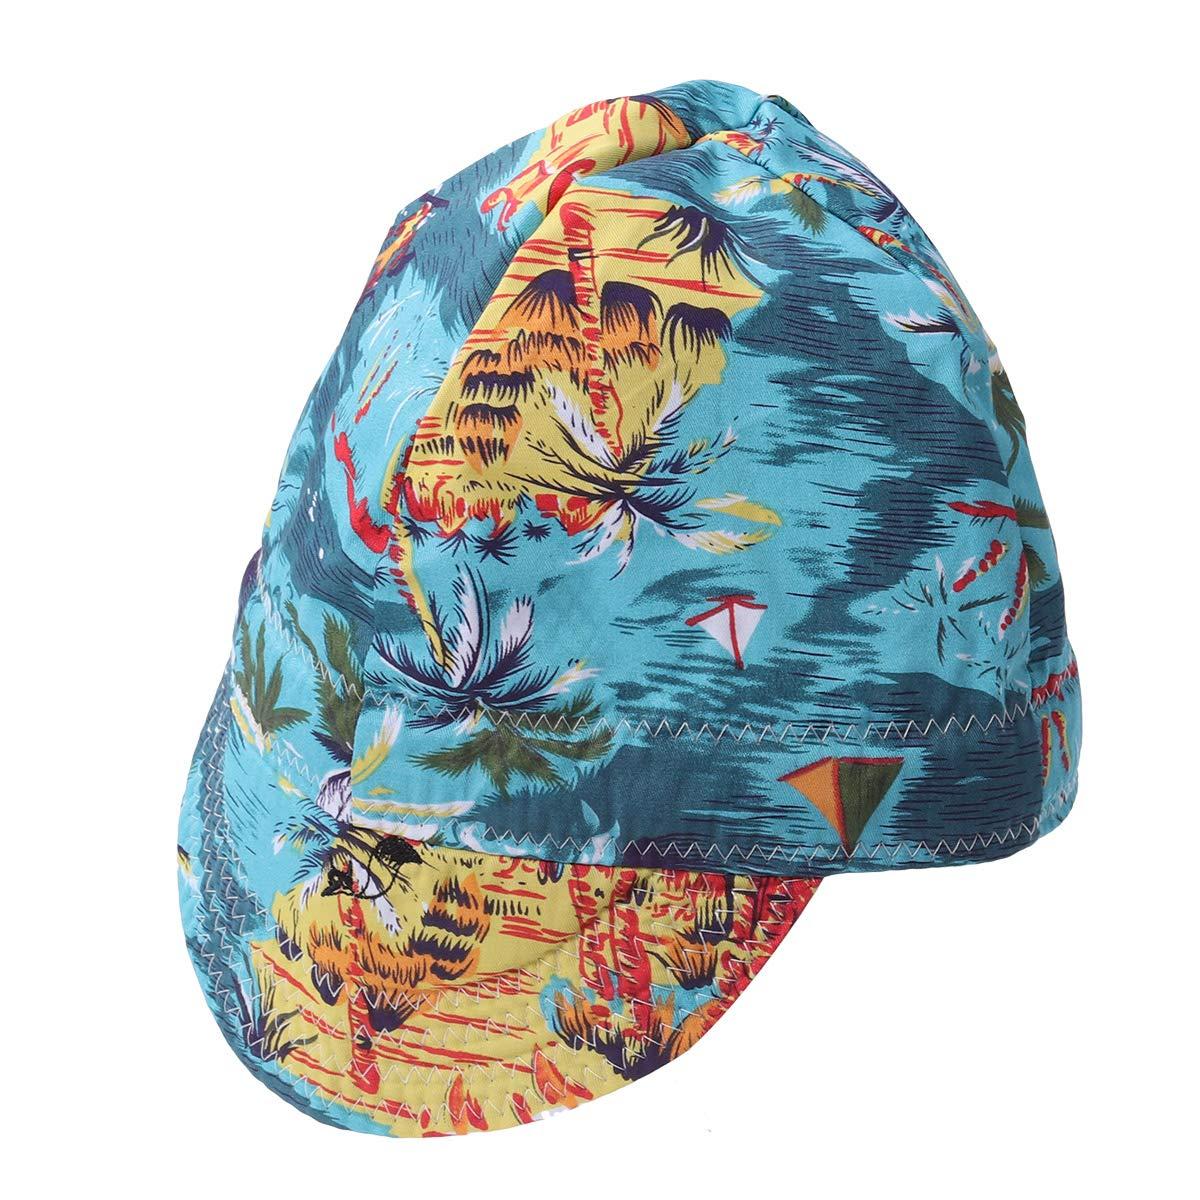 VORCOOL Premium Welding Hat Welding Welders Flame Retardant Protective Welding Cap Hat by VORCOOL